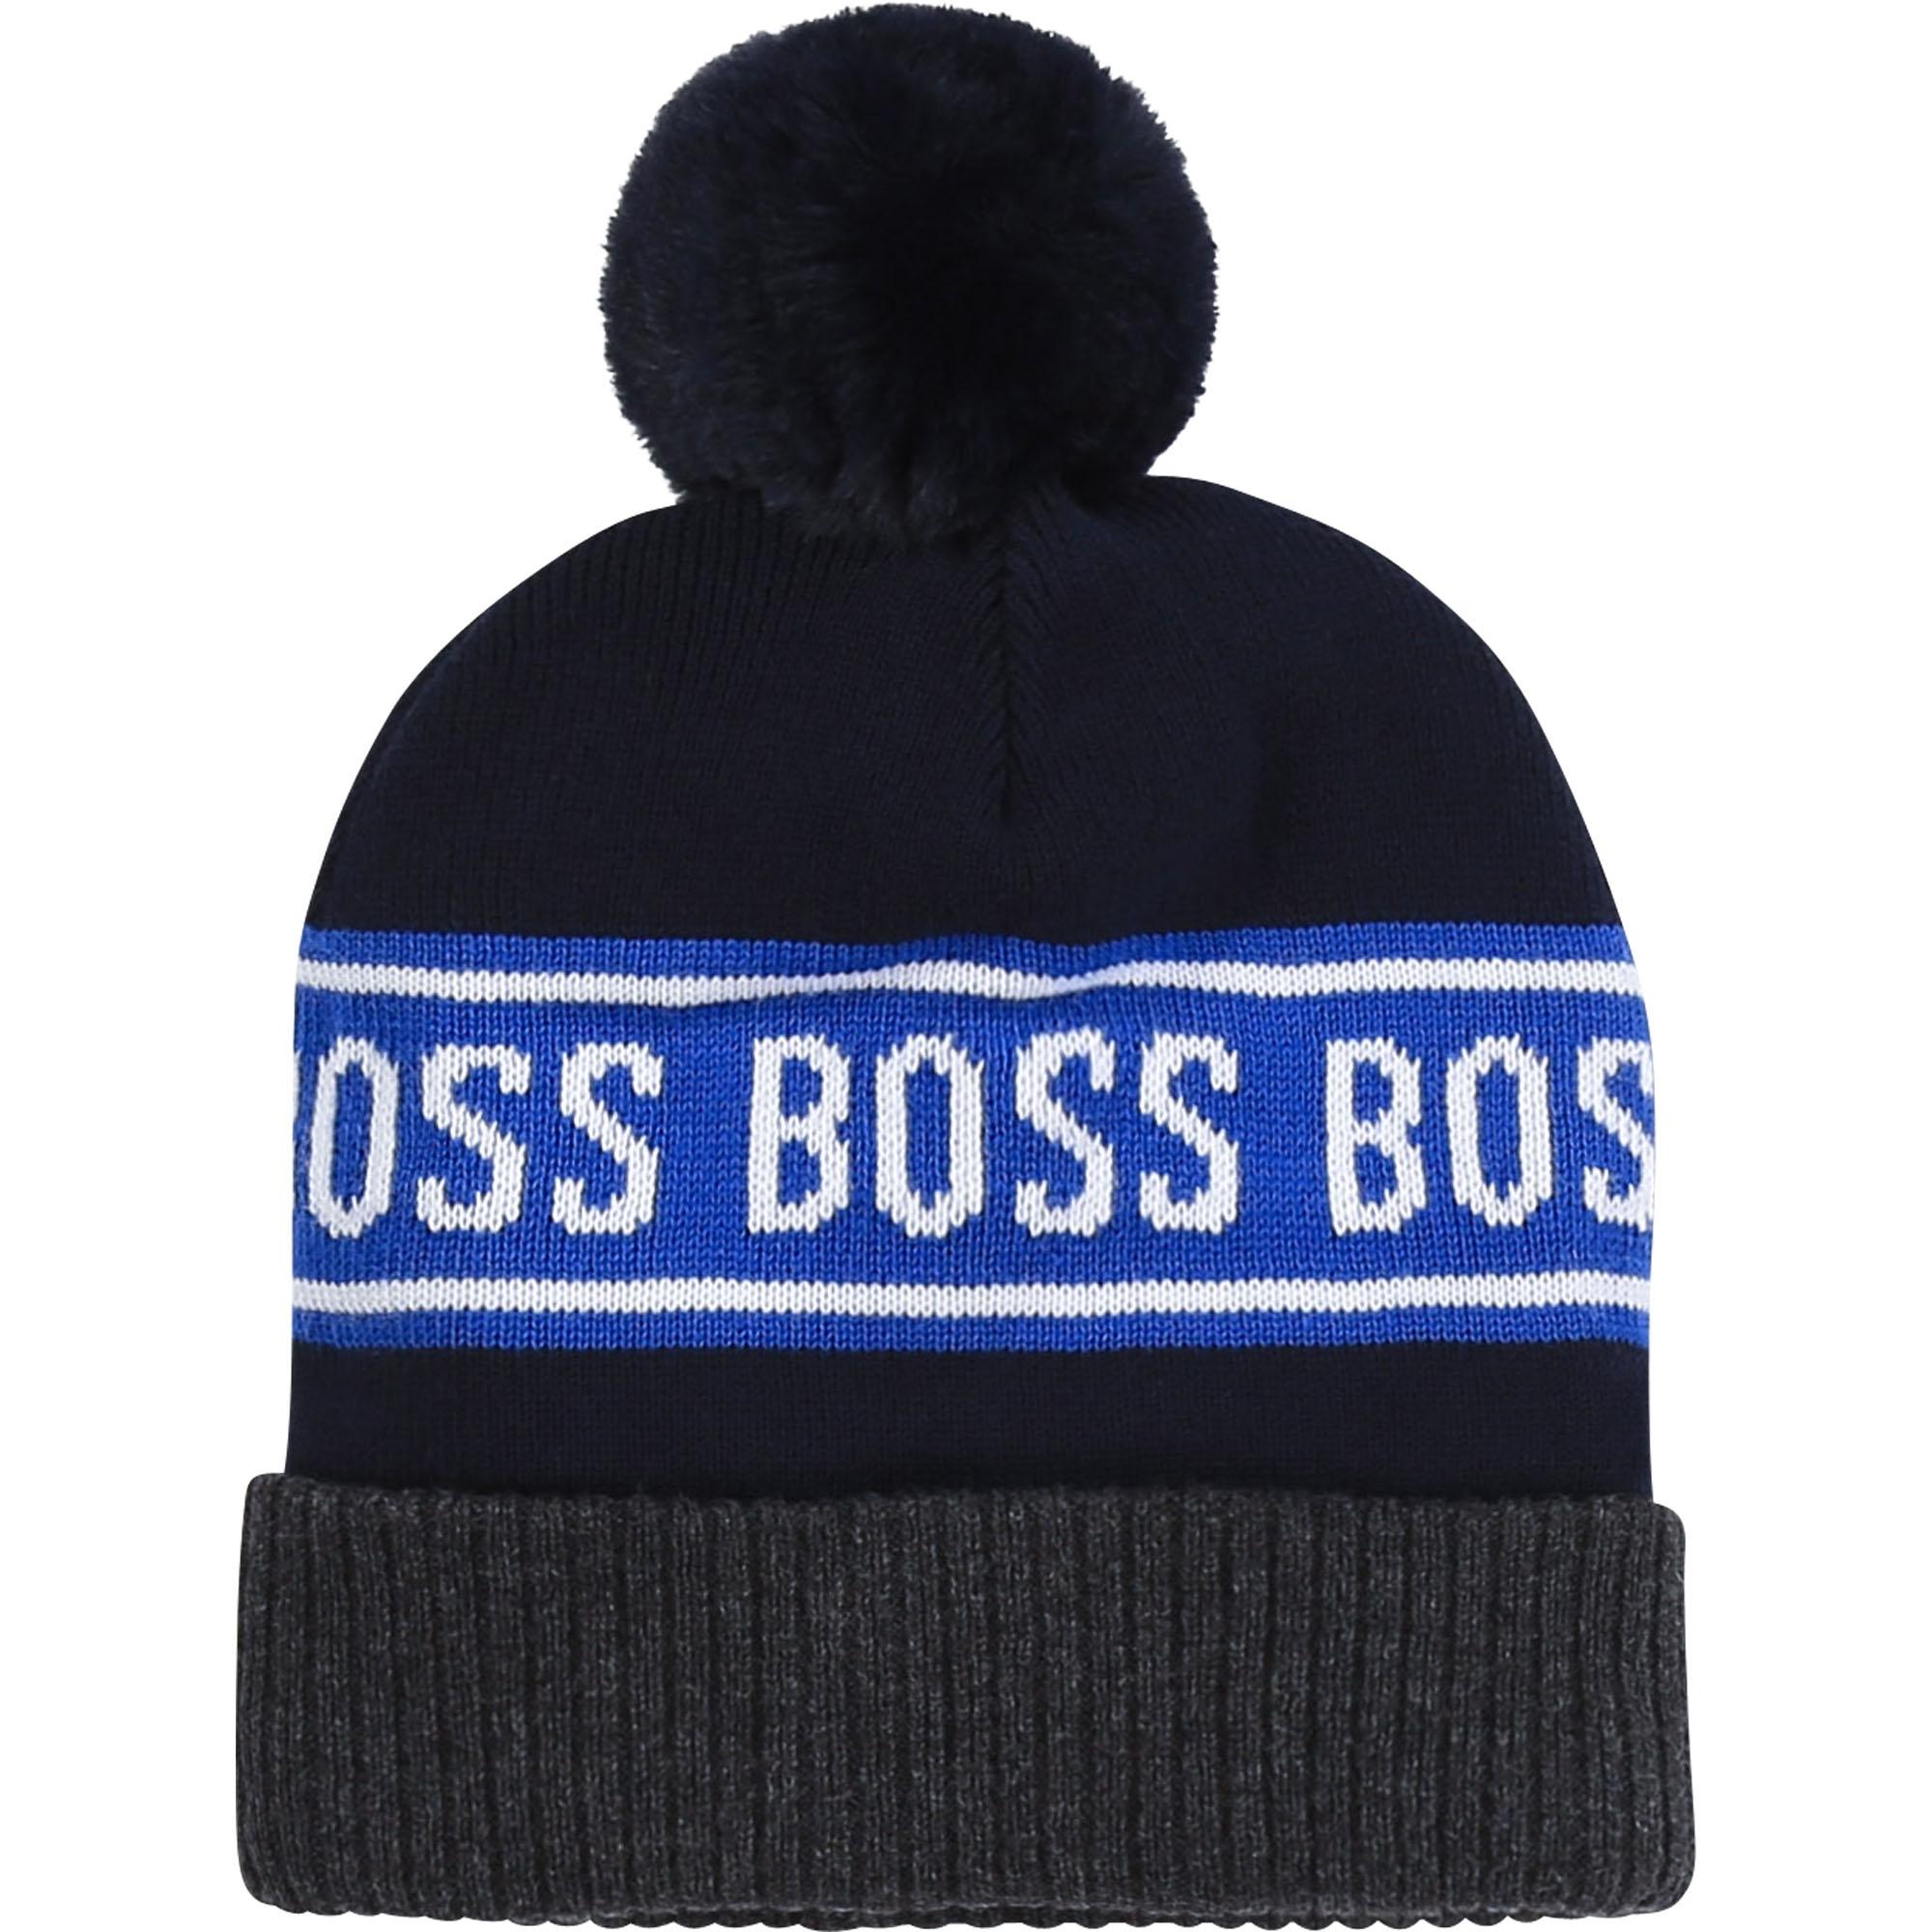 https://www.leadermode.com/194097/hugo-boss-j01112-849-bleu-cargo.jpg